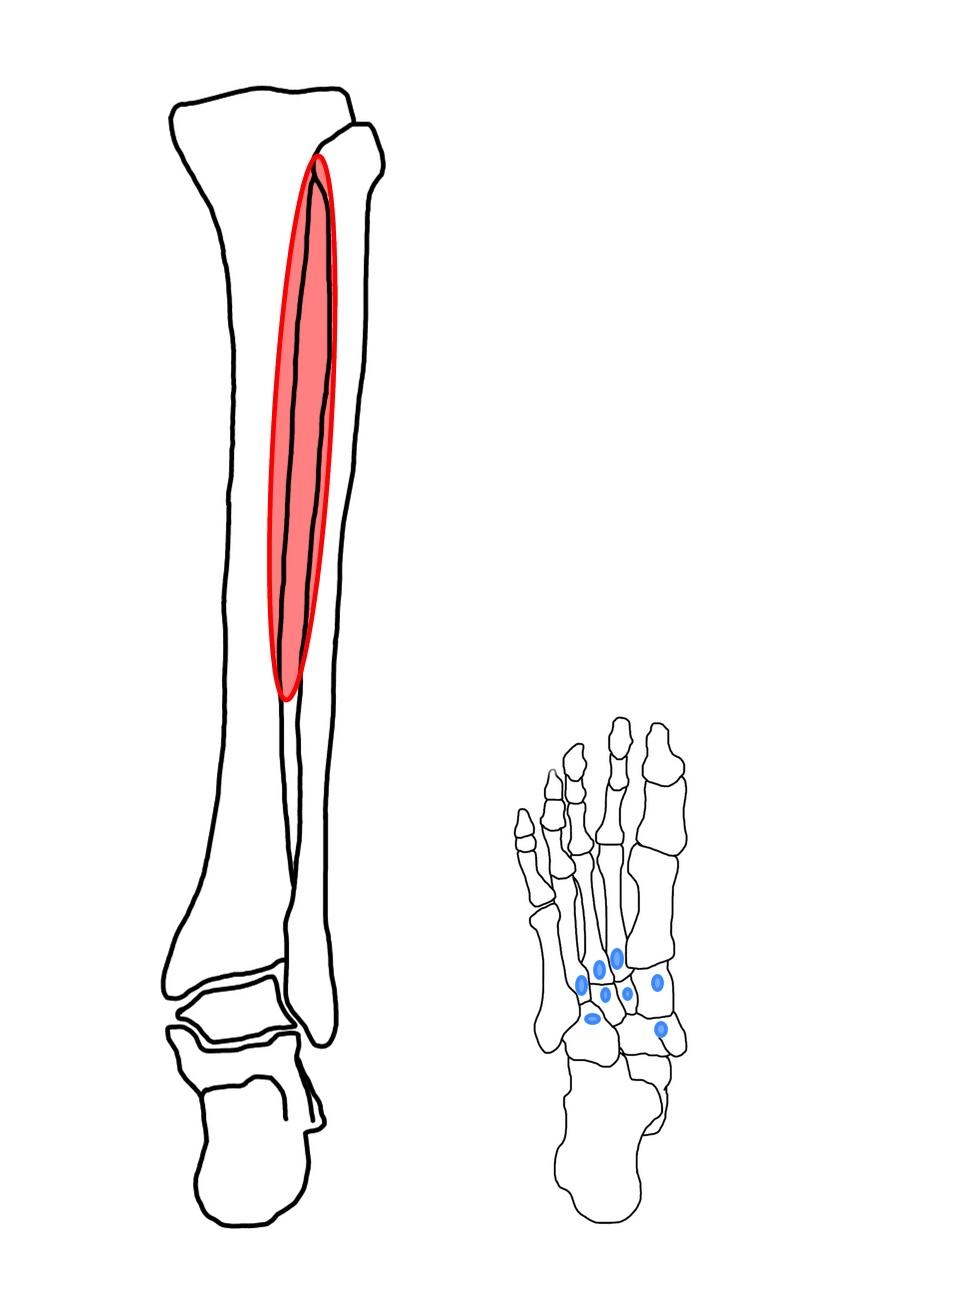 後脛骨筋の起始と停止